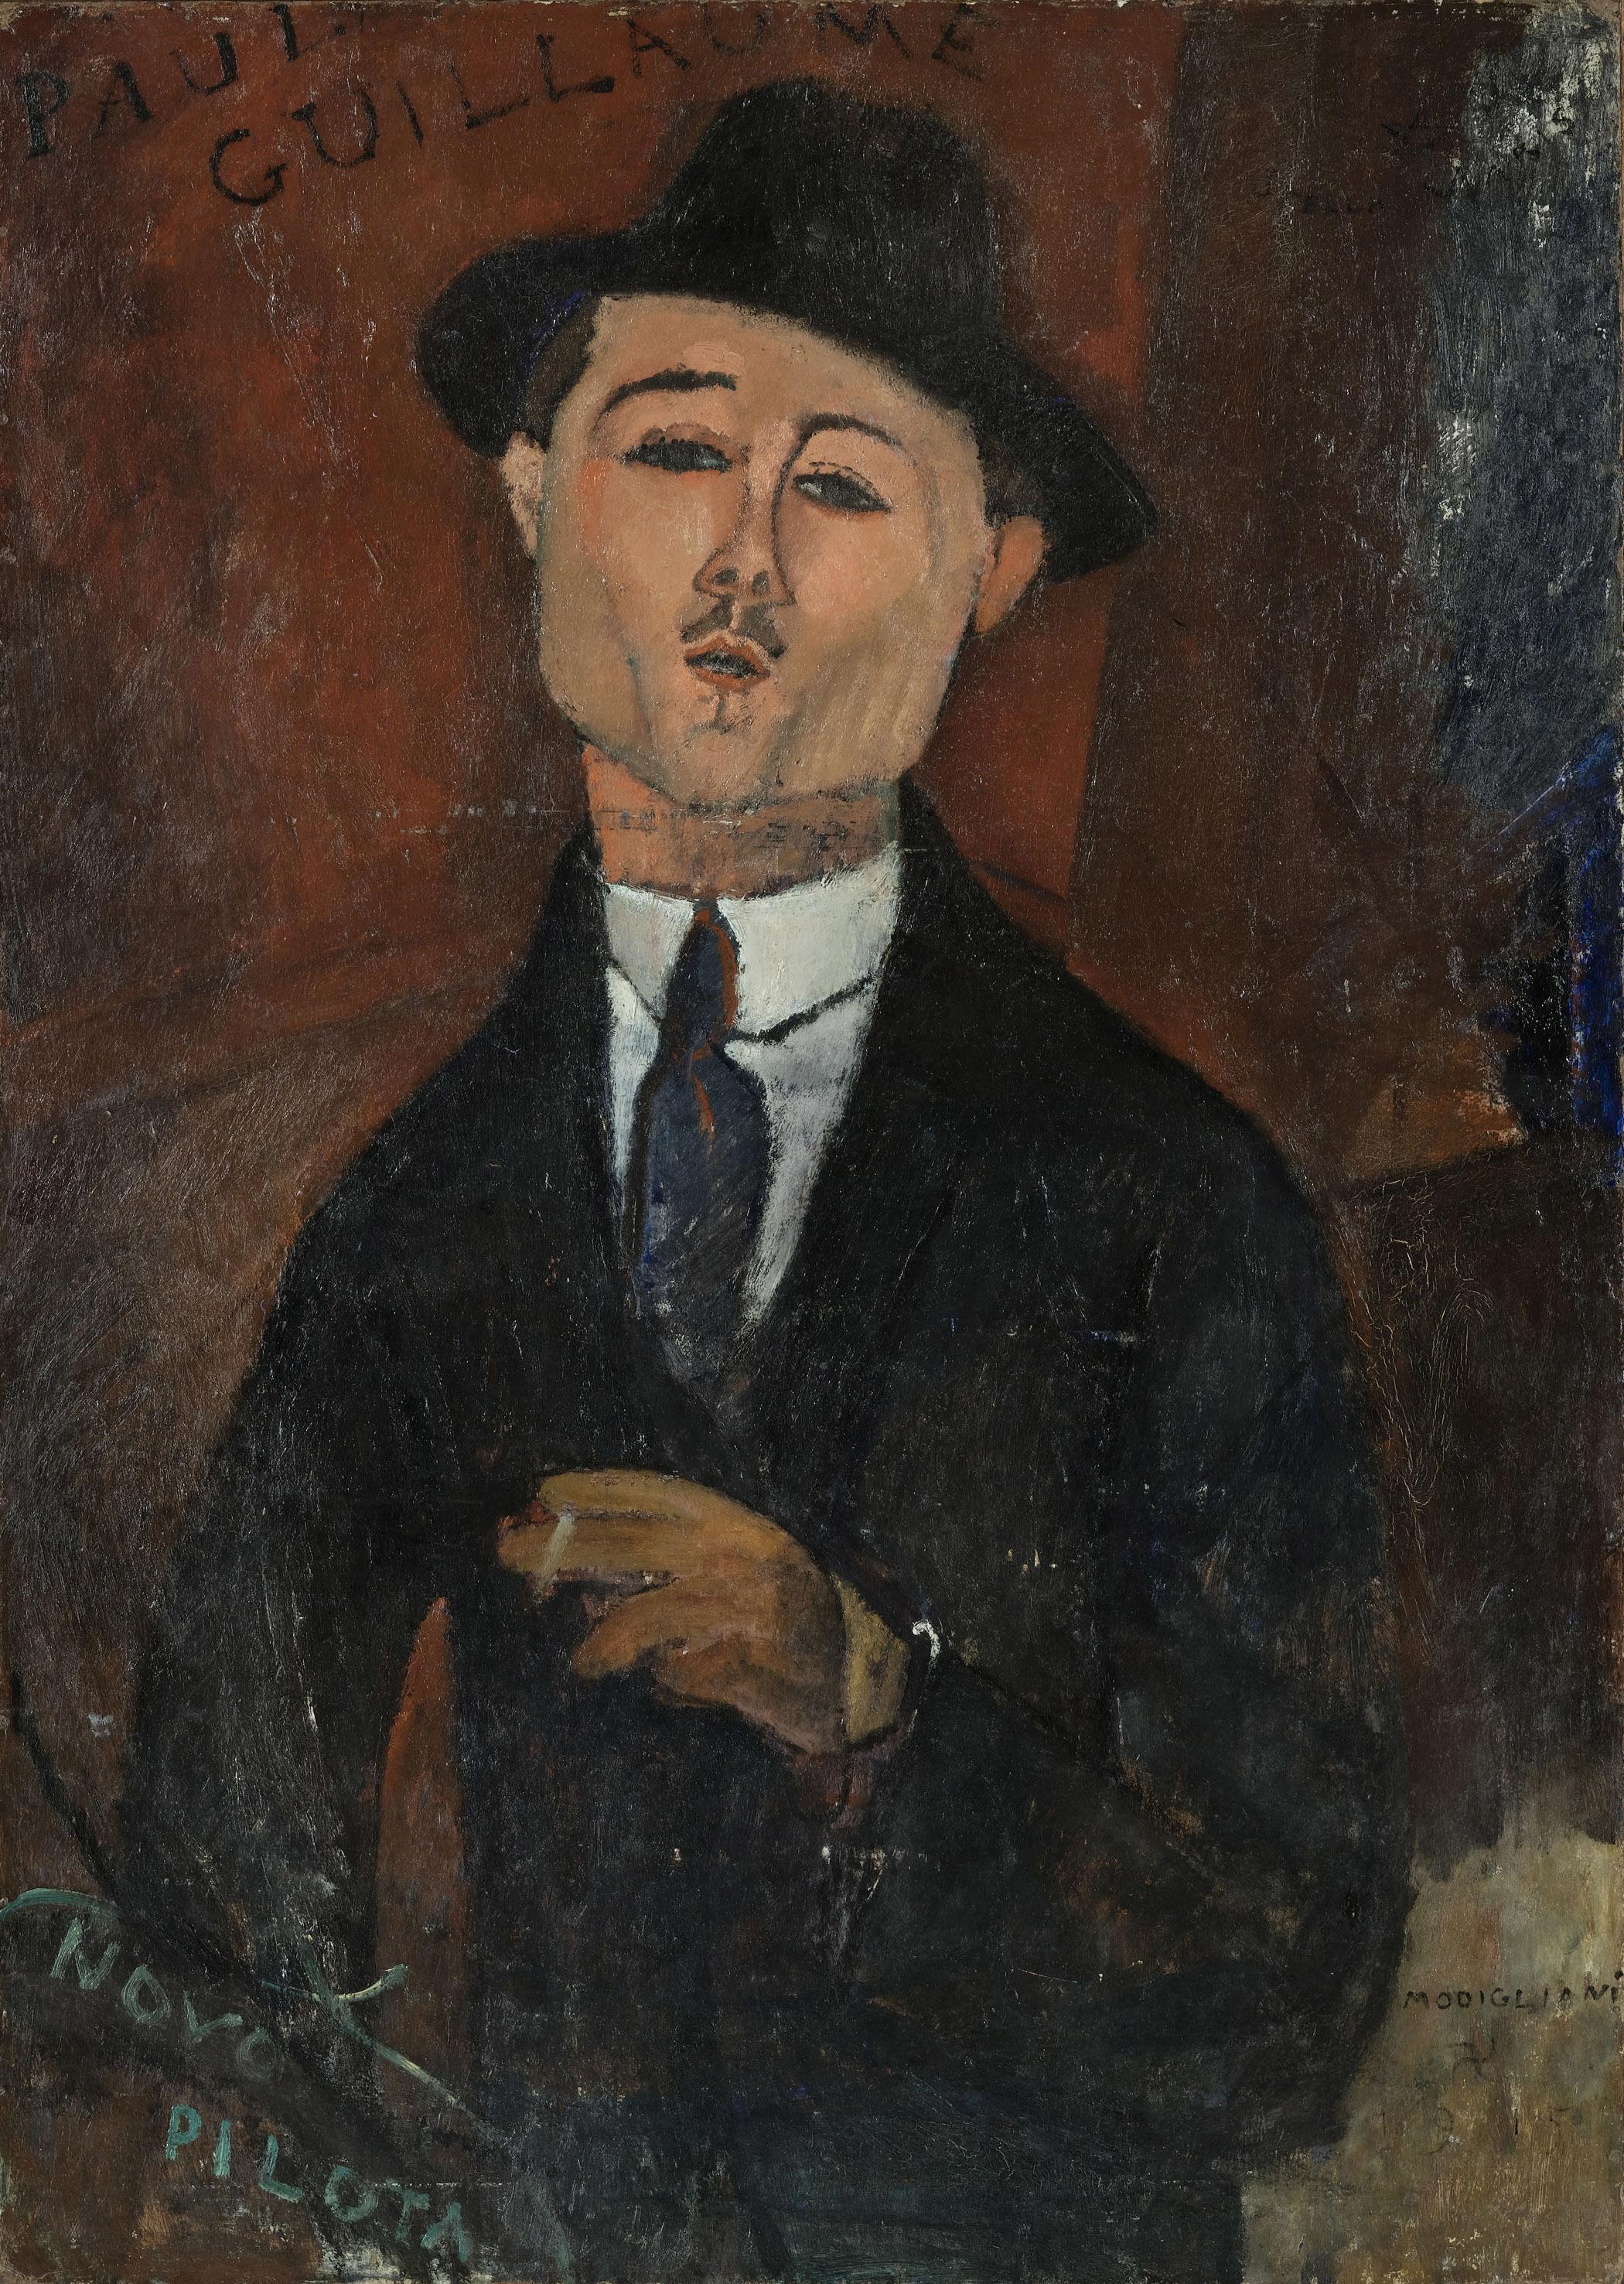 アメデオ・モディリアーニ《新しき水先案内人ポール・ギョームの肖像》1915年、油彩・厚紙を貼った合板、105×75cm、オランジュリー美術館 (C) RMN-Grand Palais (musée de l'Orangerie) / Hervé Lewandowski